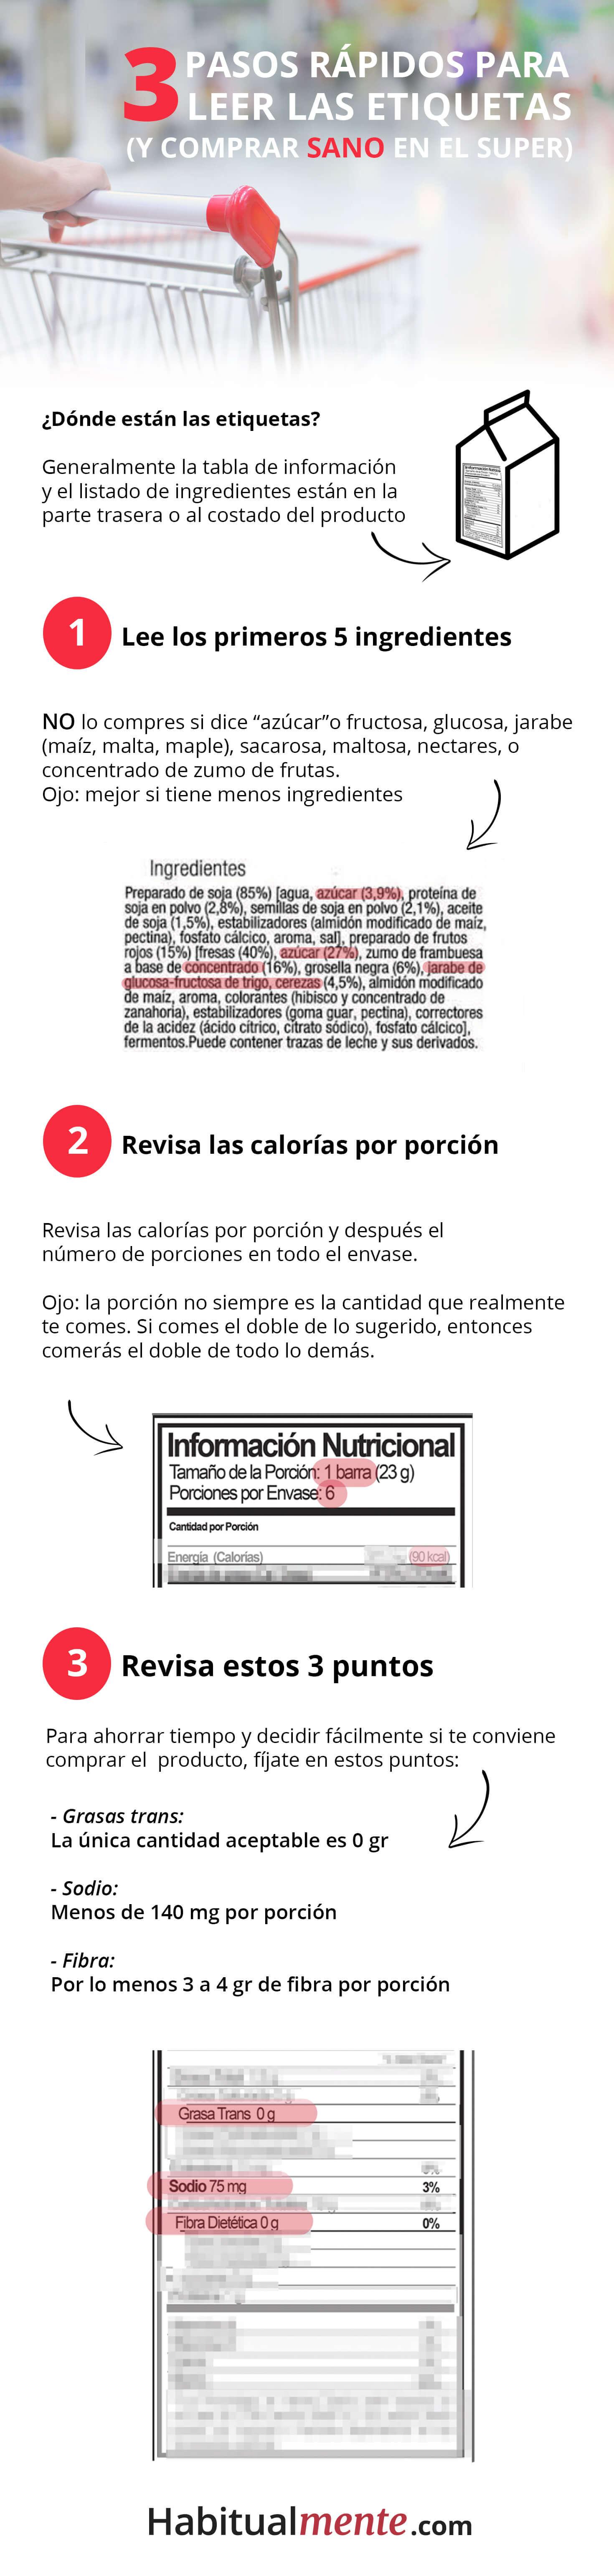 3 pasos para leer las etiquetas y comprar sano en el super